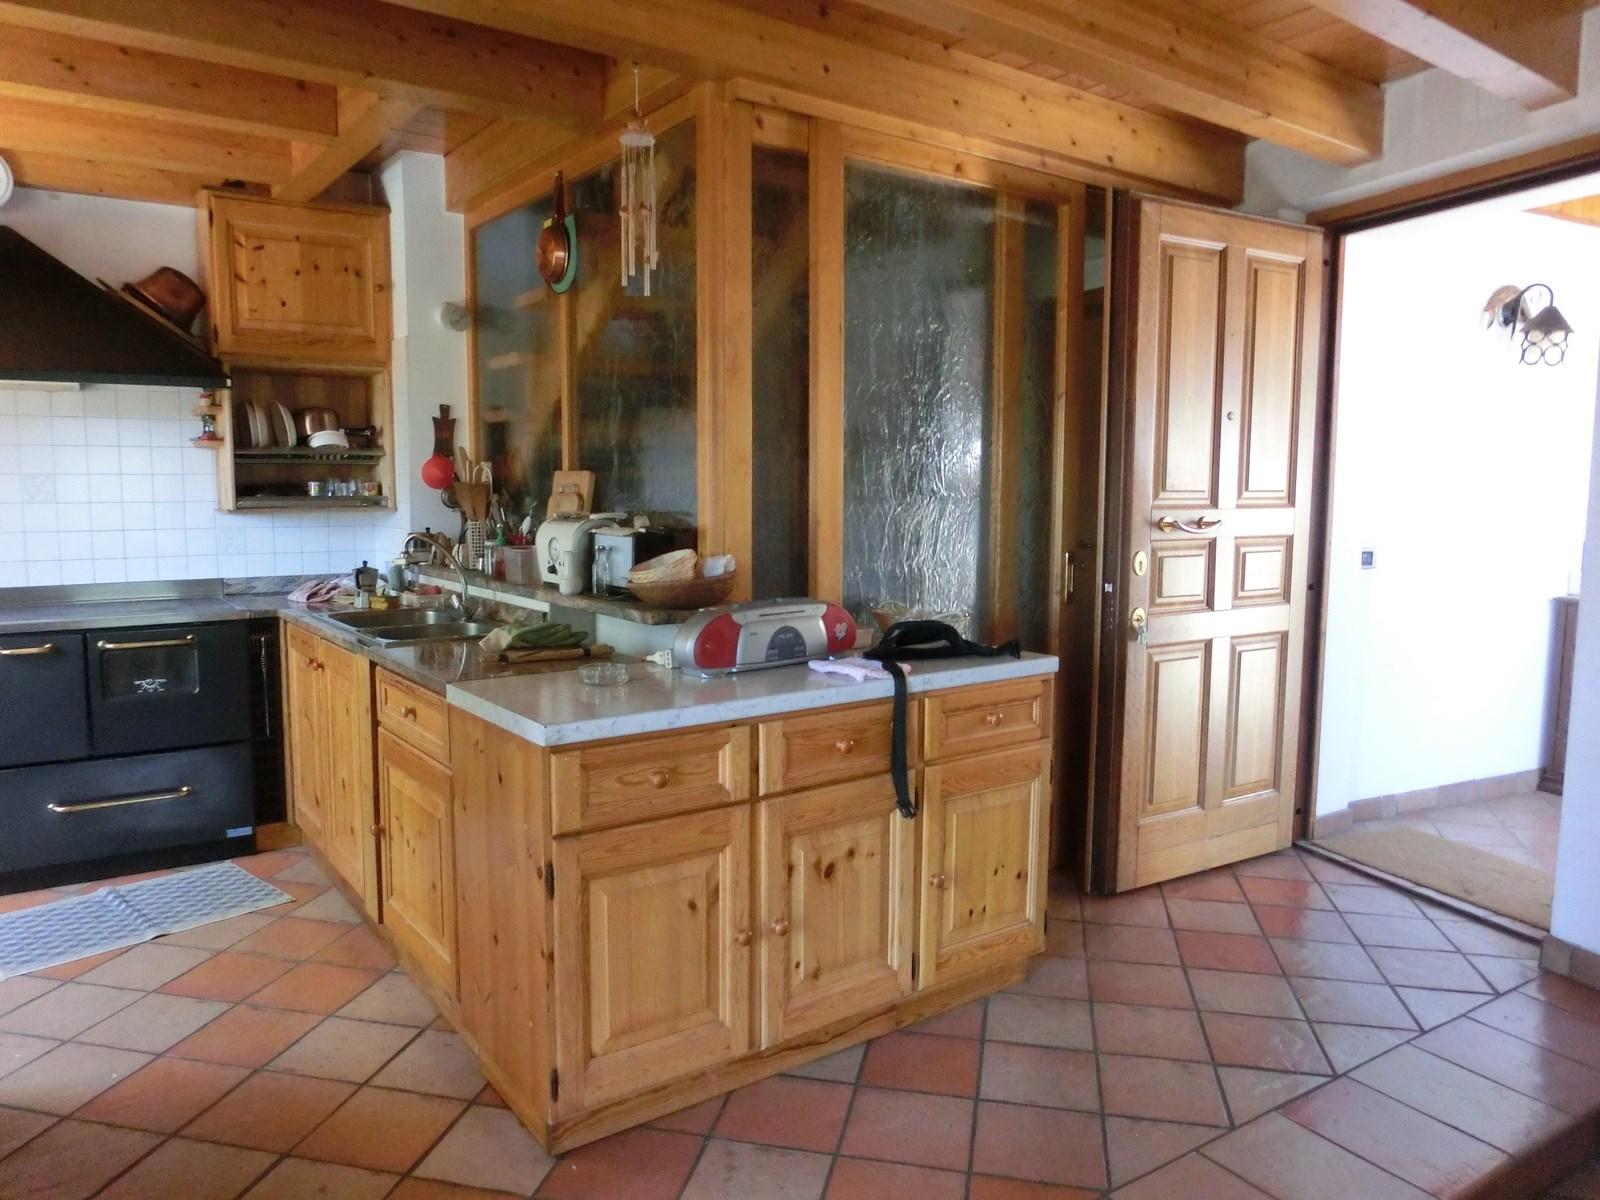 Casa Indipendente vendita VALDA (TN) - 99 LOCALI - 90 MQ